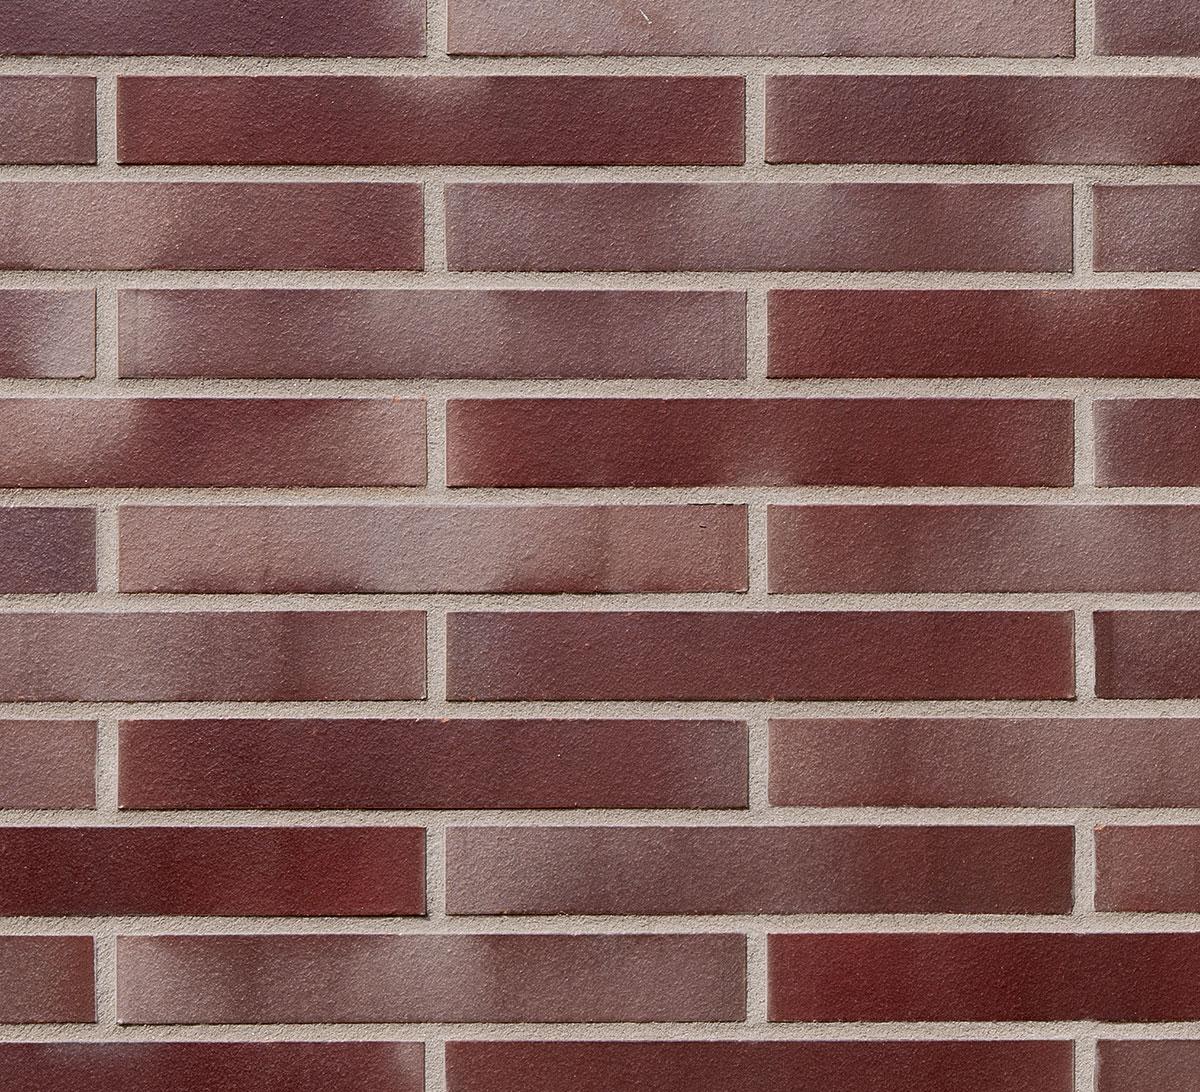 Клинкерный кирпич ADELAIDE burgund glatt в удлиненном формате LDF